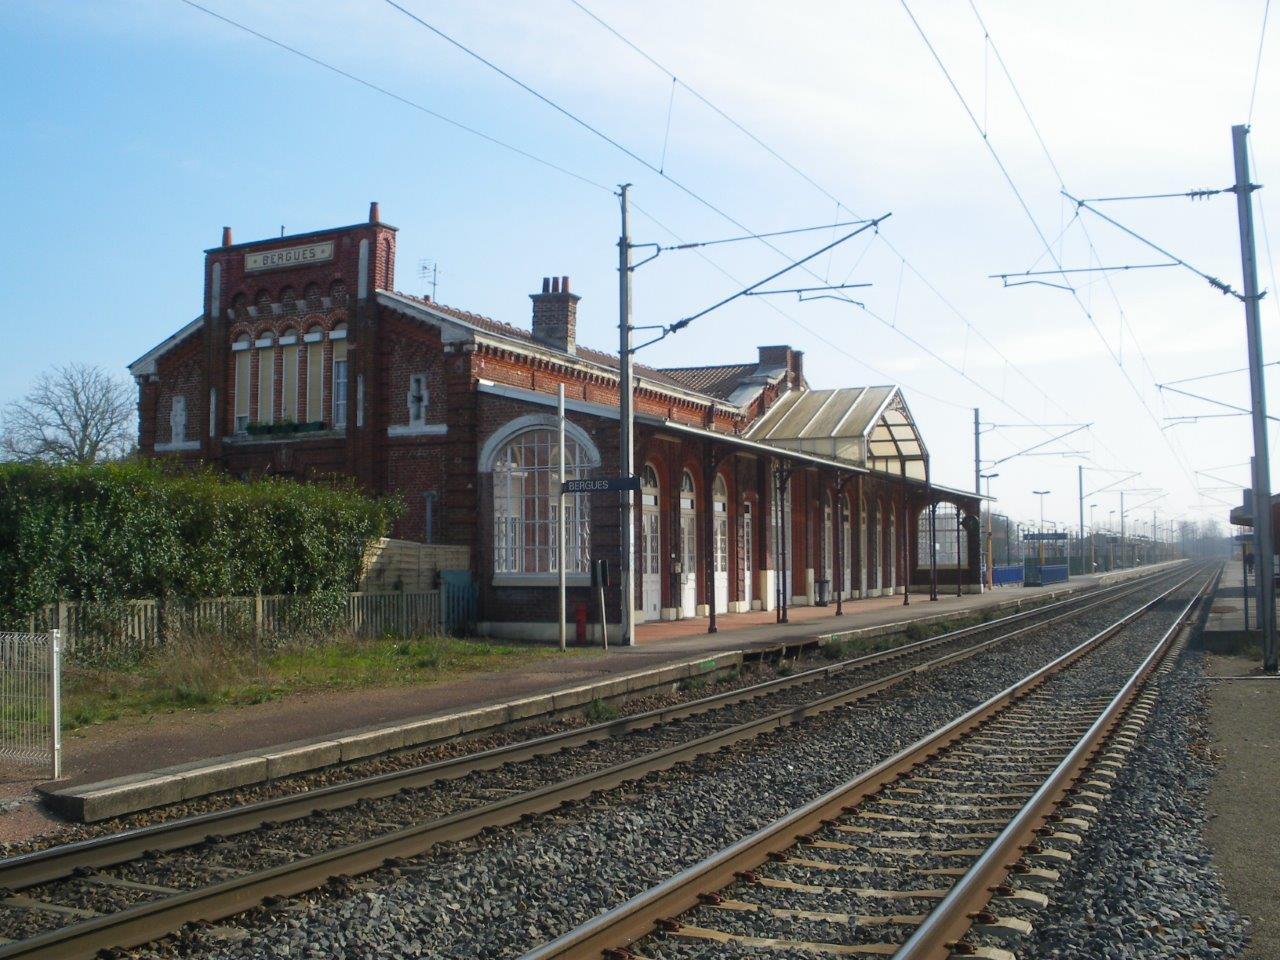 gare-de-bergues-train-station